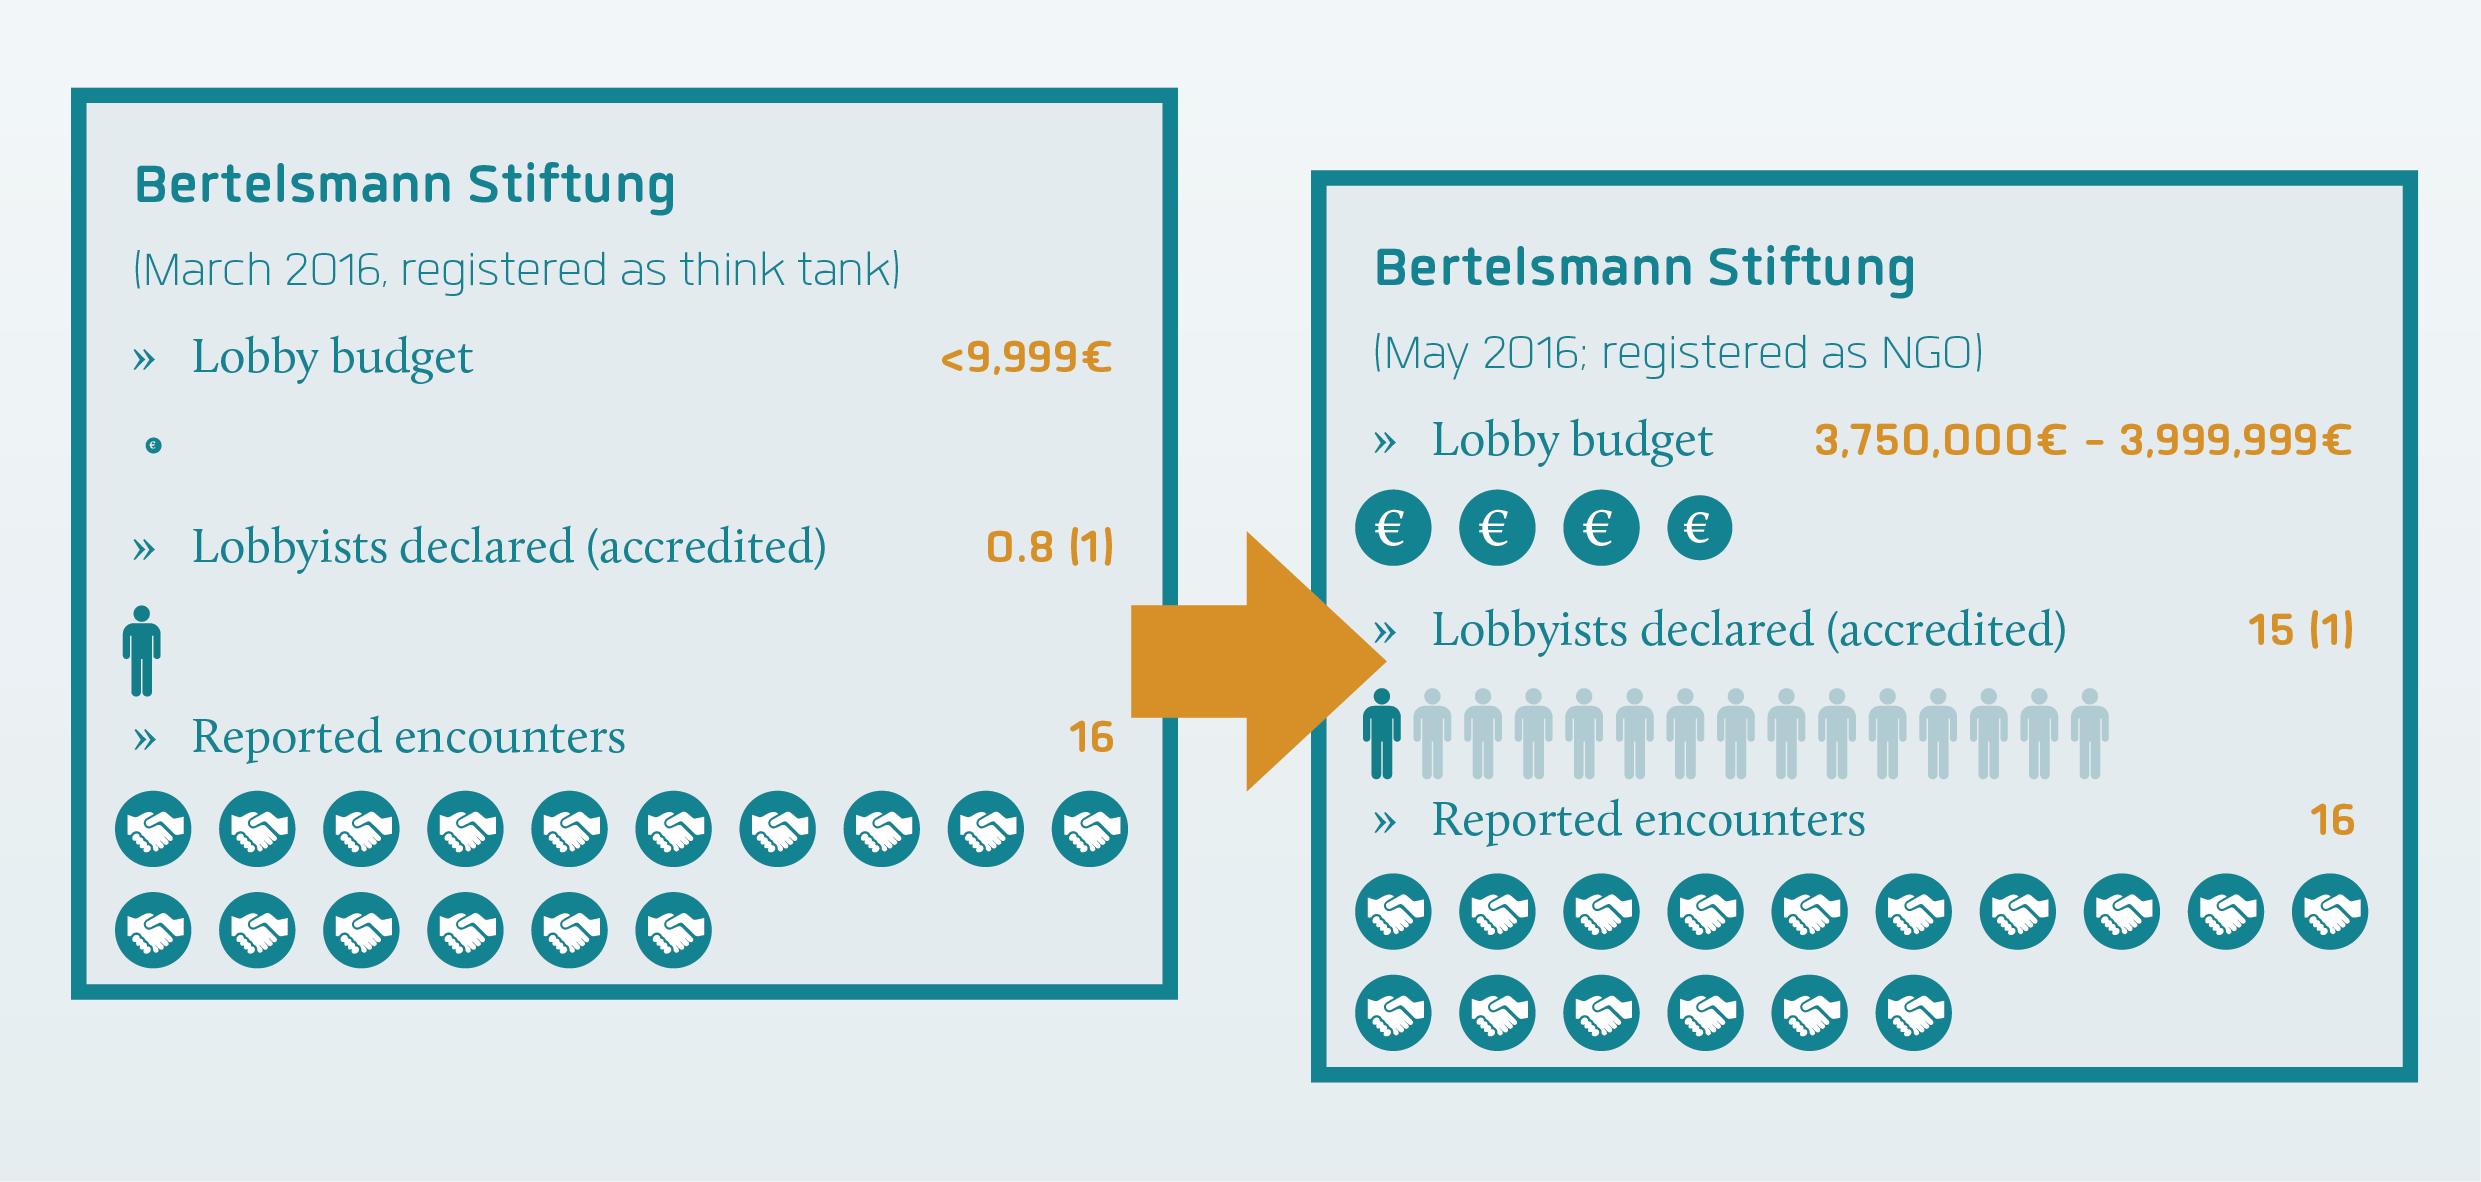 Bertelsmann declared status February versus May 2016